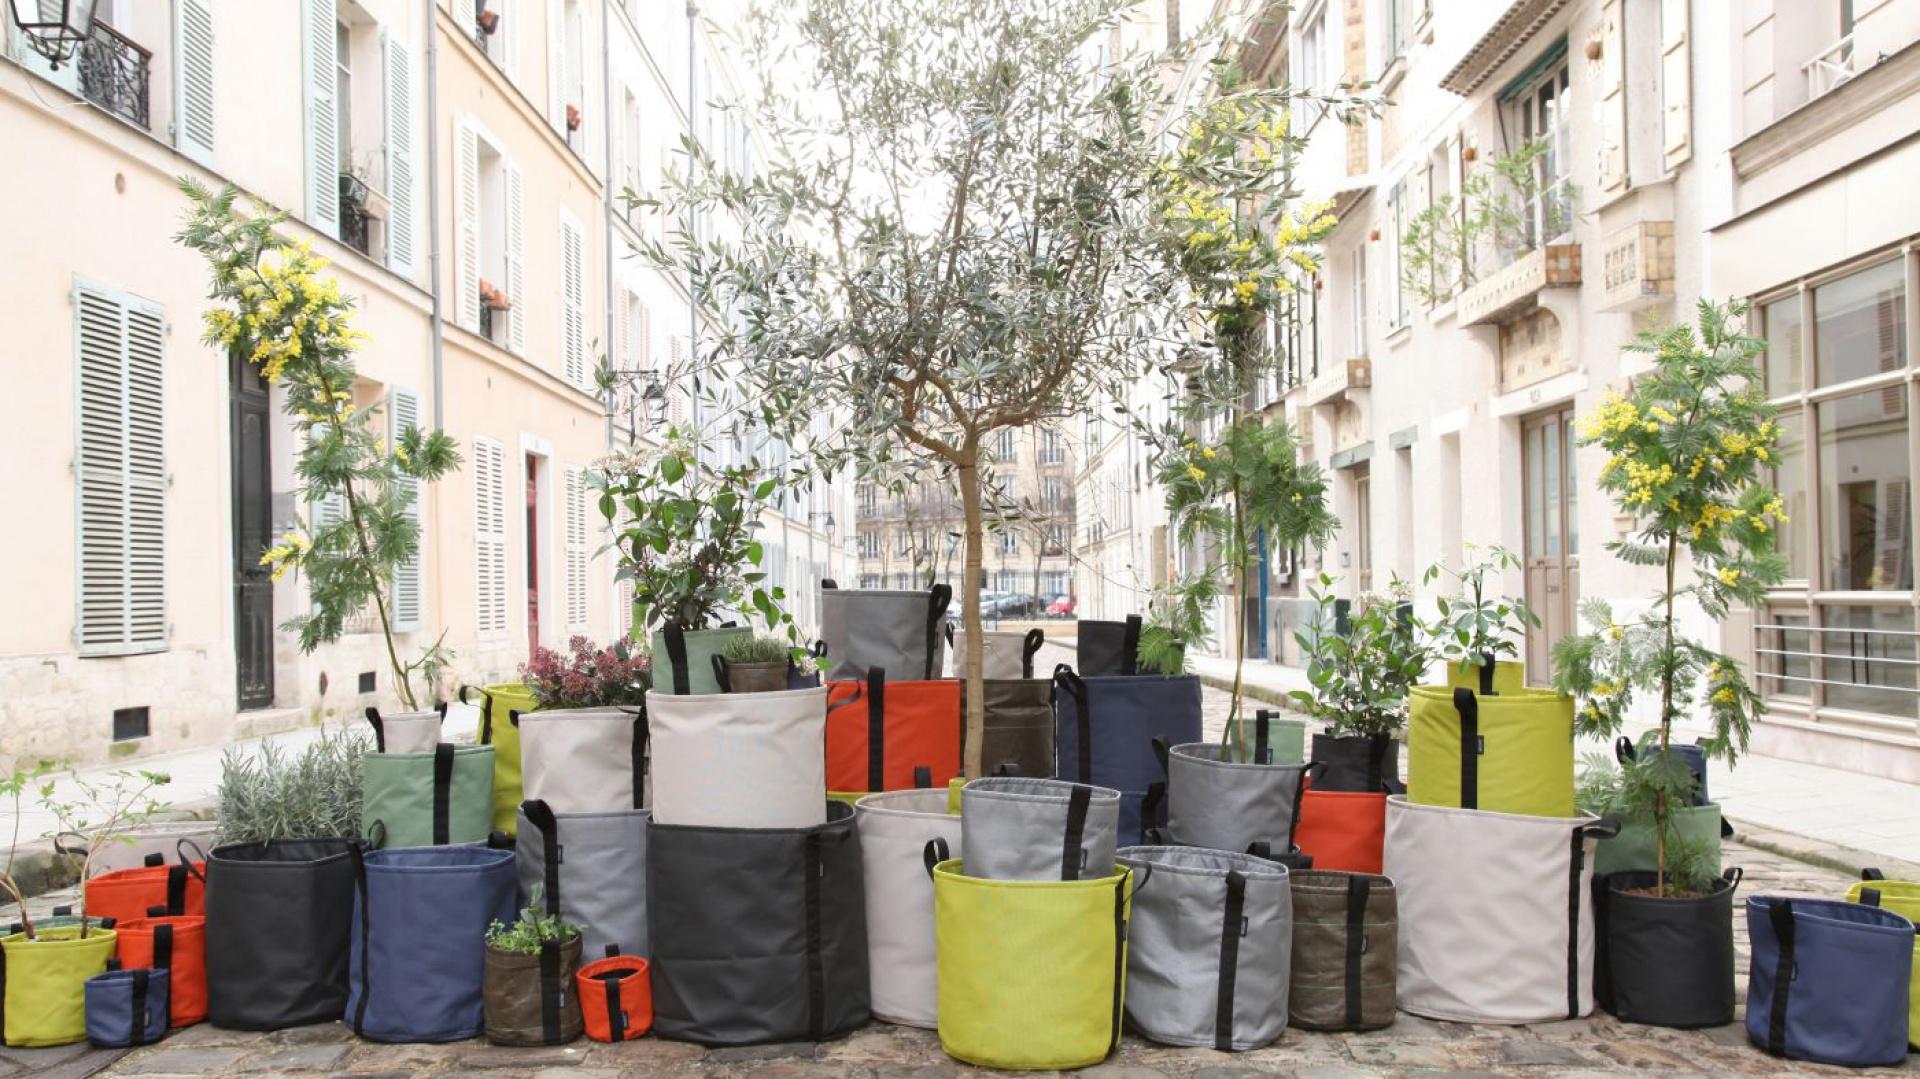 Ekologiczne torby dostępne są w wielu kolorach i rozmiarach. Trwały, odporny na mróz i działanie promieni słonecznych materiał sprawia, że donice możemy umieszczać także na zewnątrz. Fot. Bacsac.